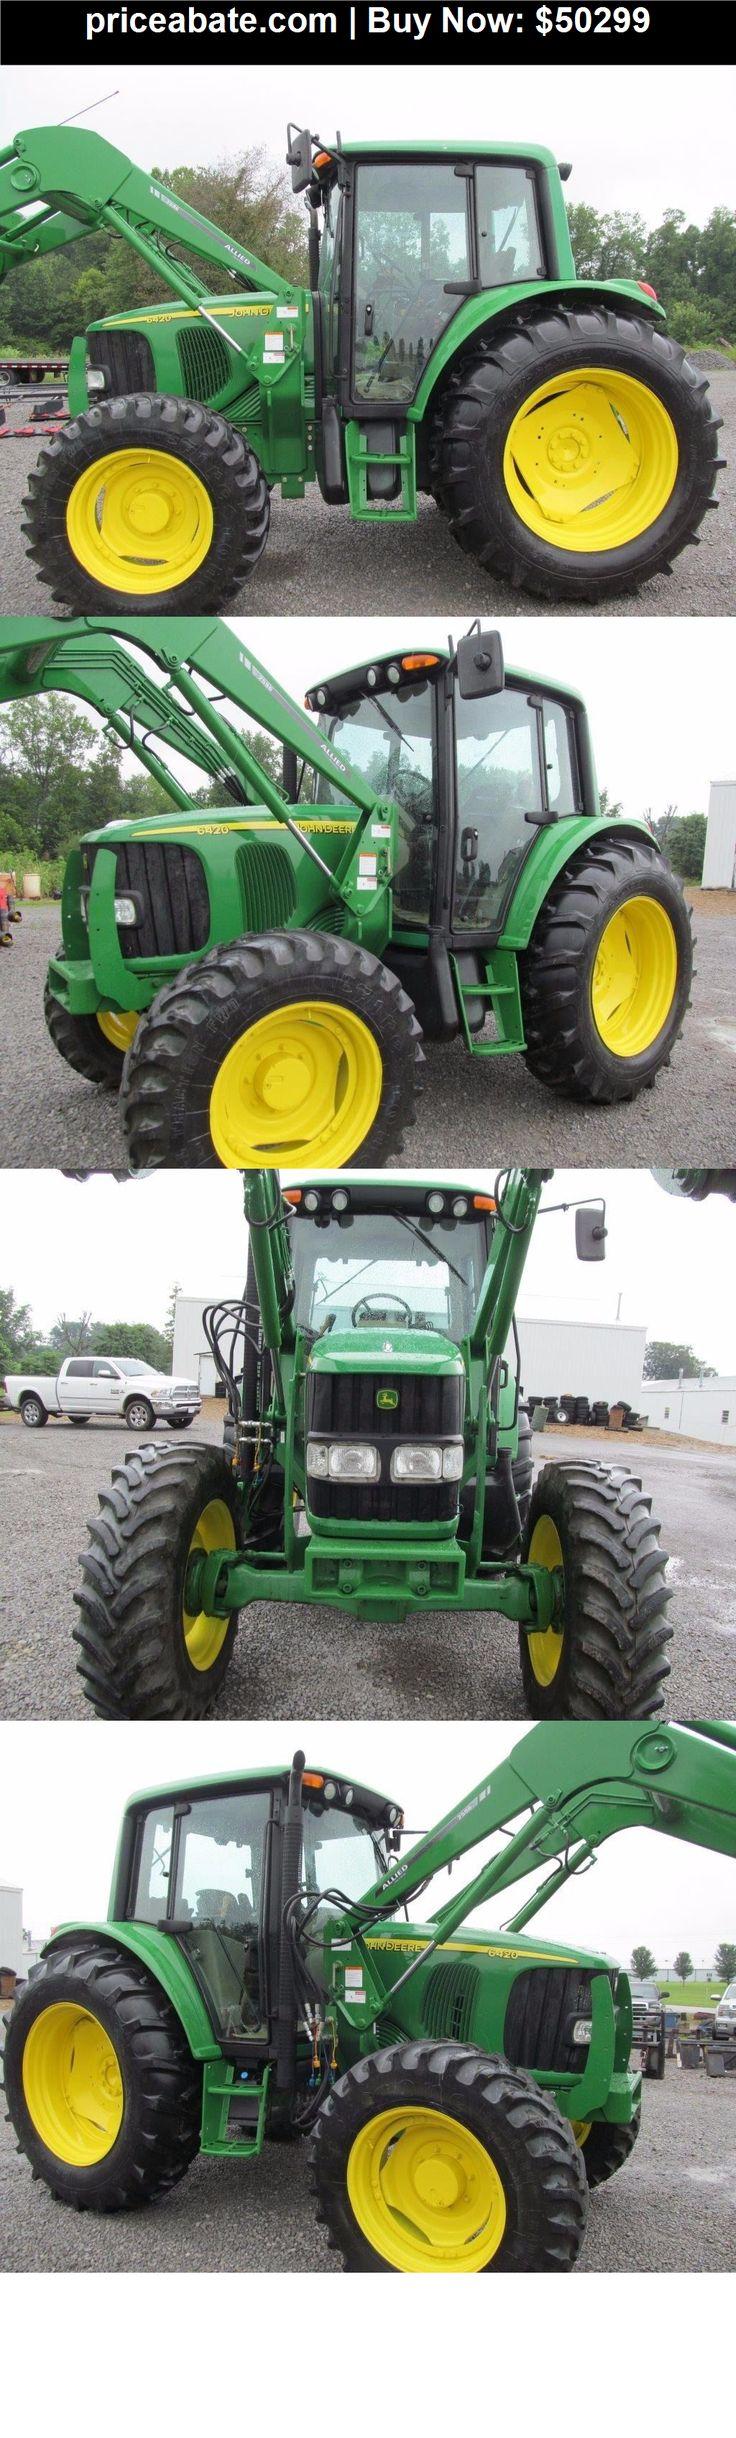 Heavy-Equipments: John Deere 6420 Diesel Tractor 4 X 4 With Cab & Corner Exhaust - BUY IT NOW ONLY $50299